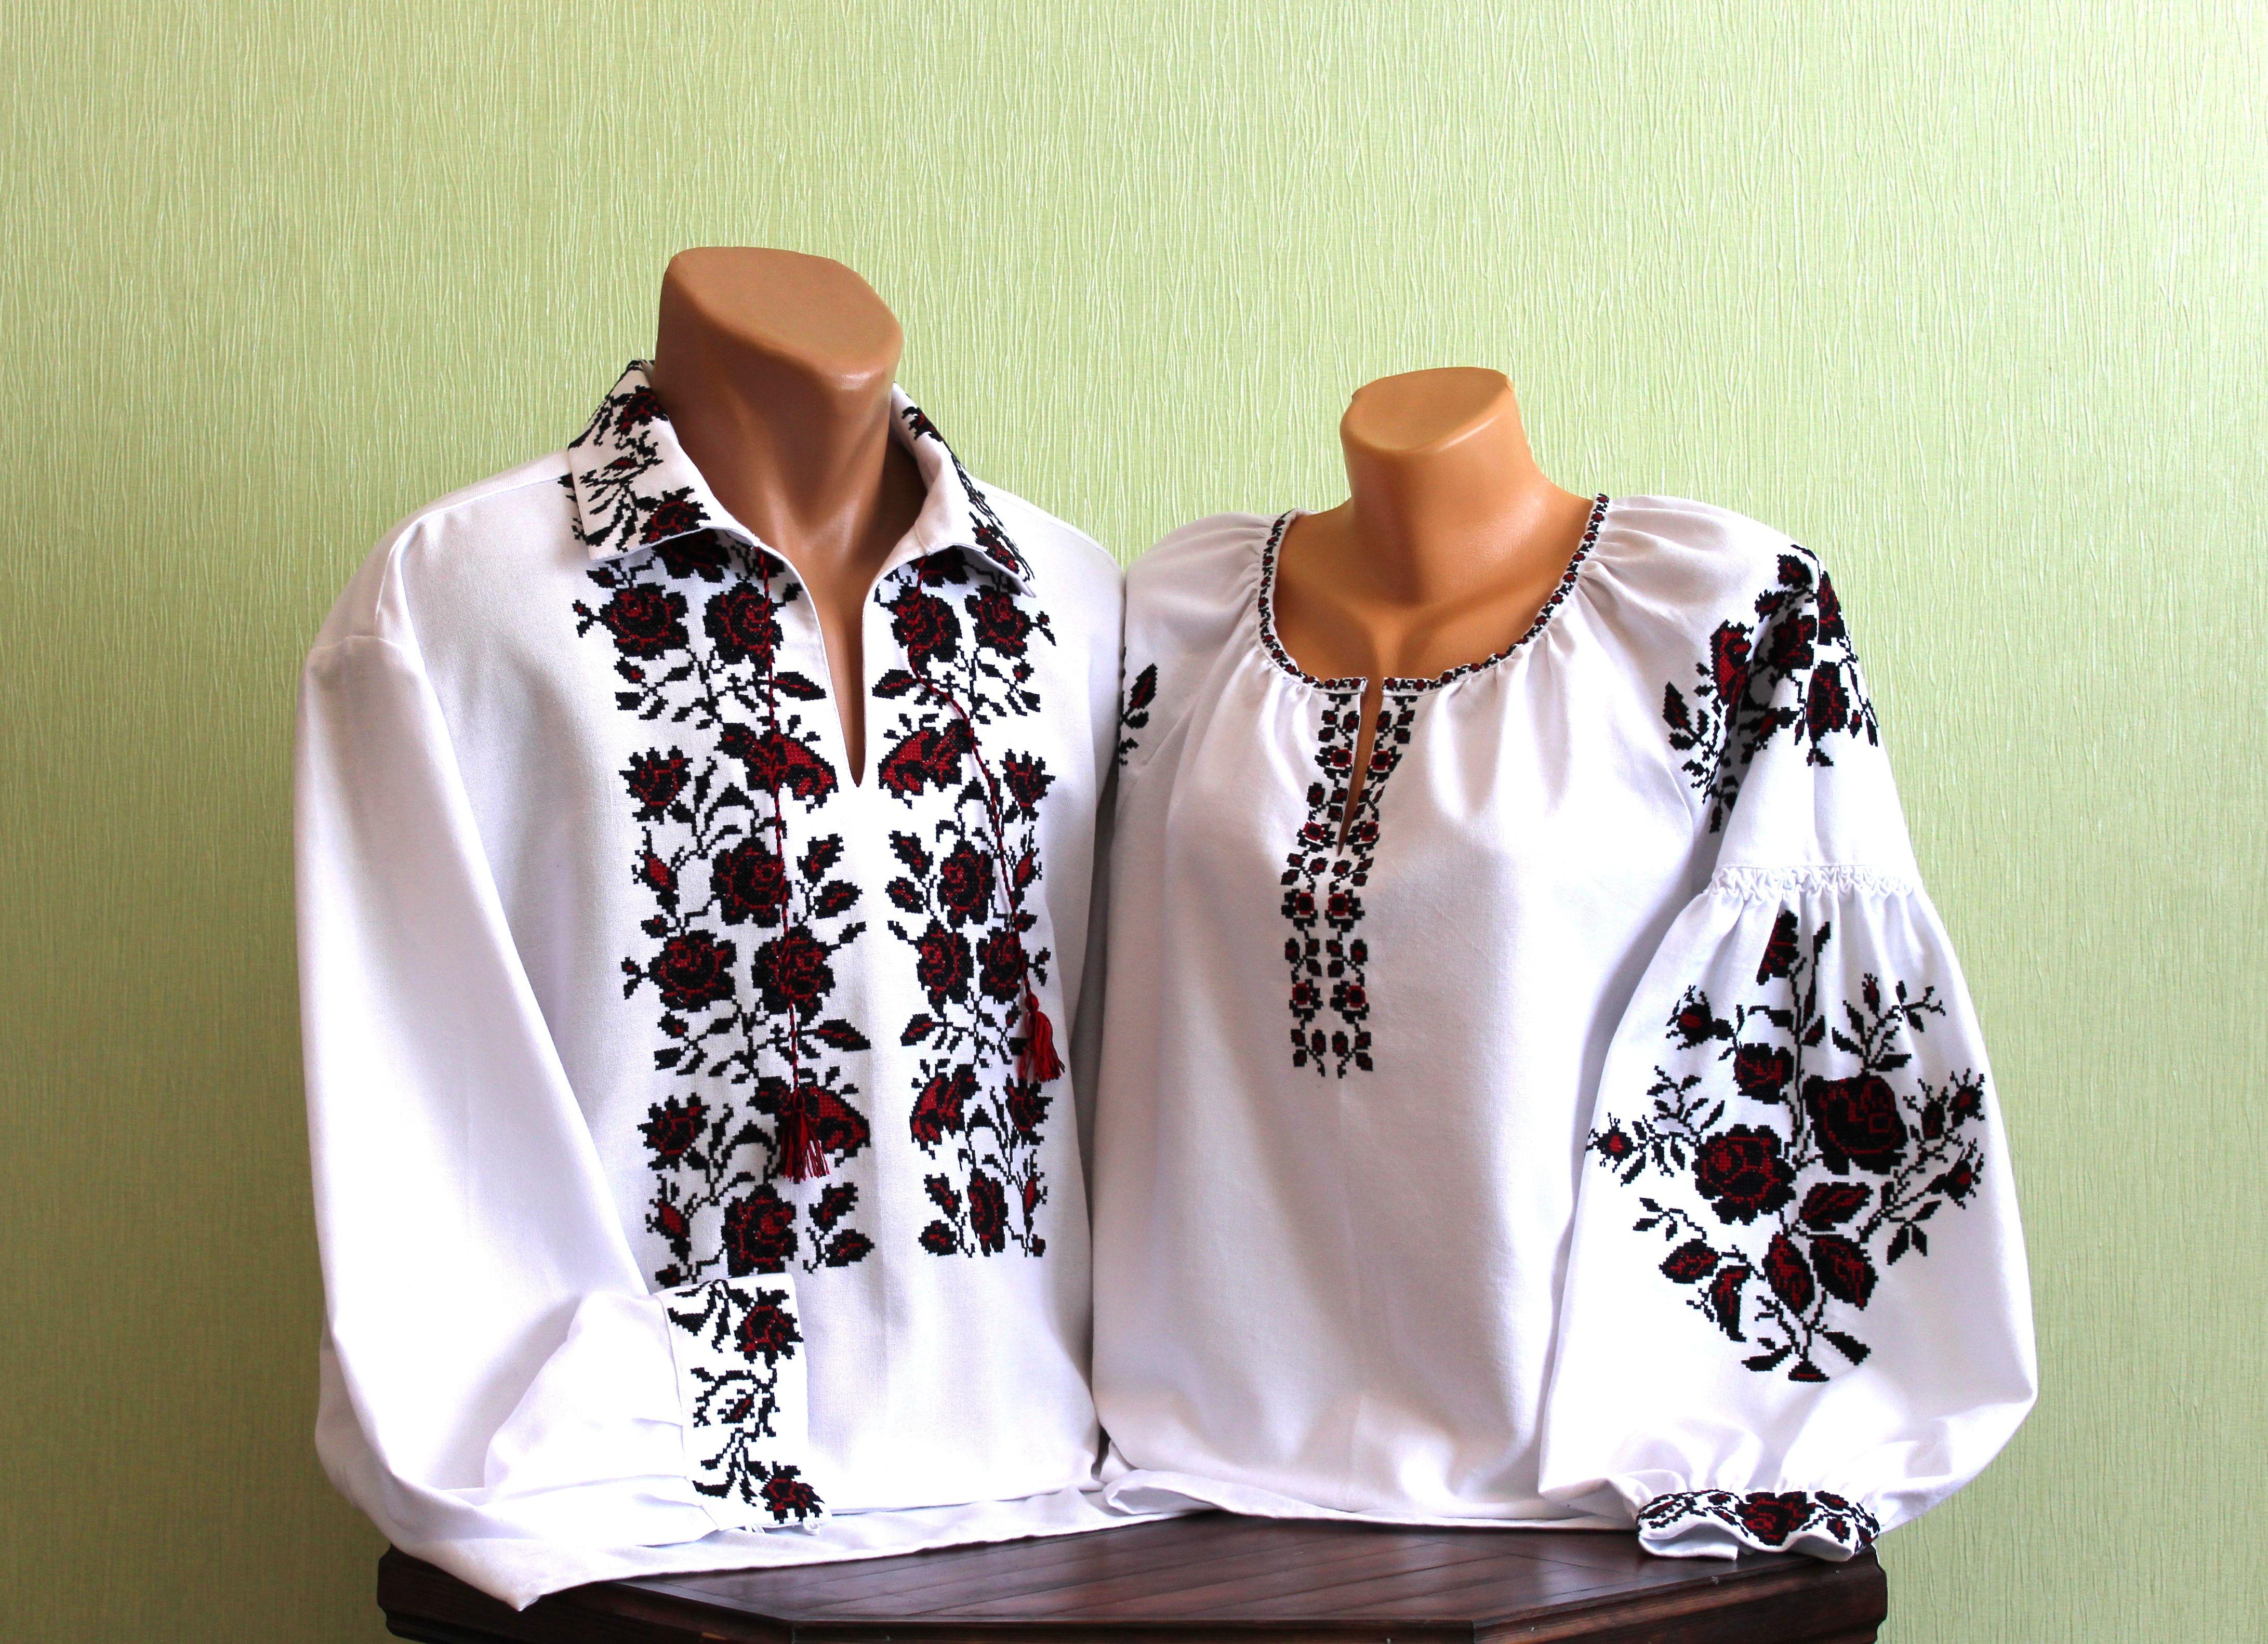 5526fe47fb3455 Купити сучасні вишиванки (чоловічі, жіночі, дитячі) - Оголошення ...